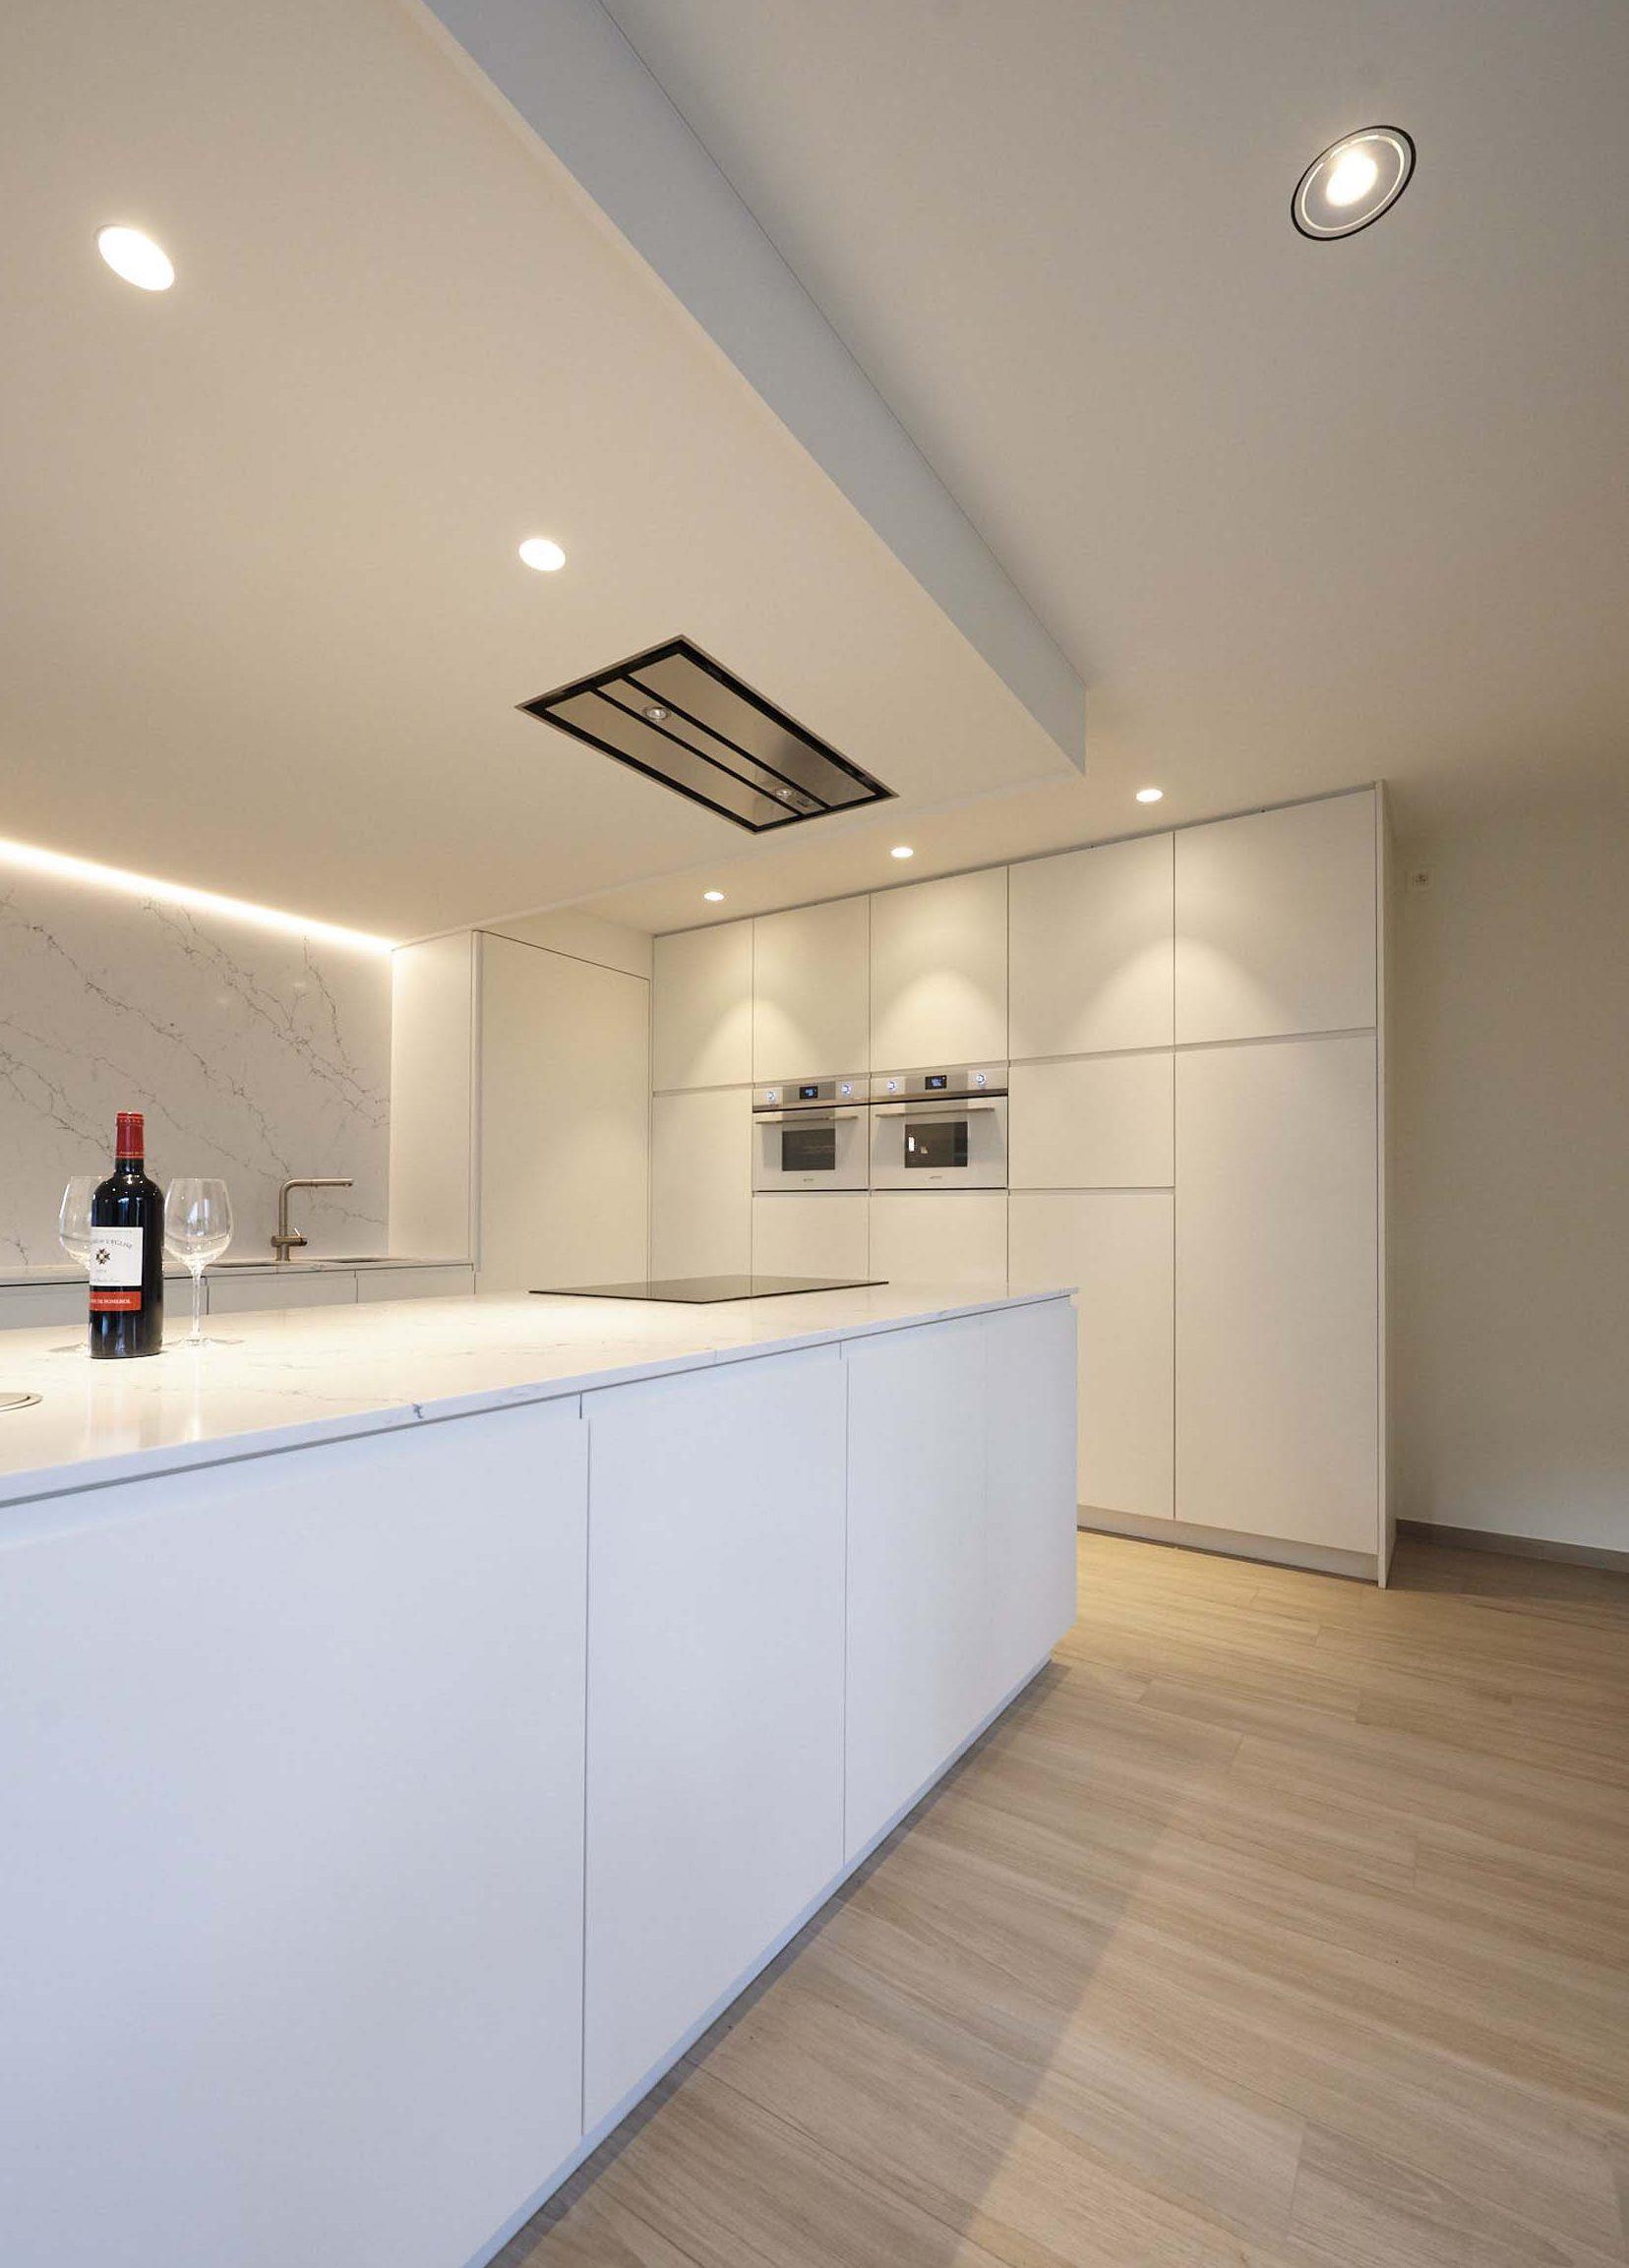 Vanda-projects-interieurinrichting-meubelmakerij-oost-vlaanderen-verstraete-tielt-keuken